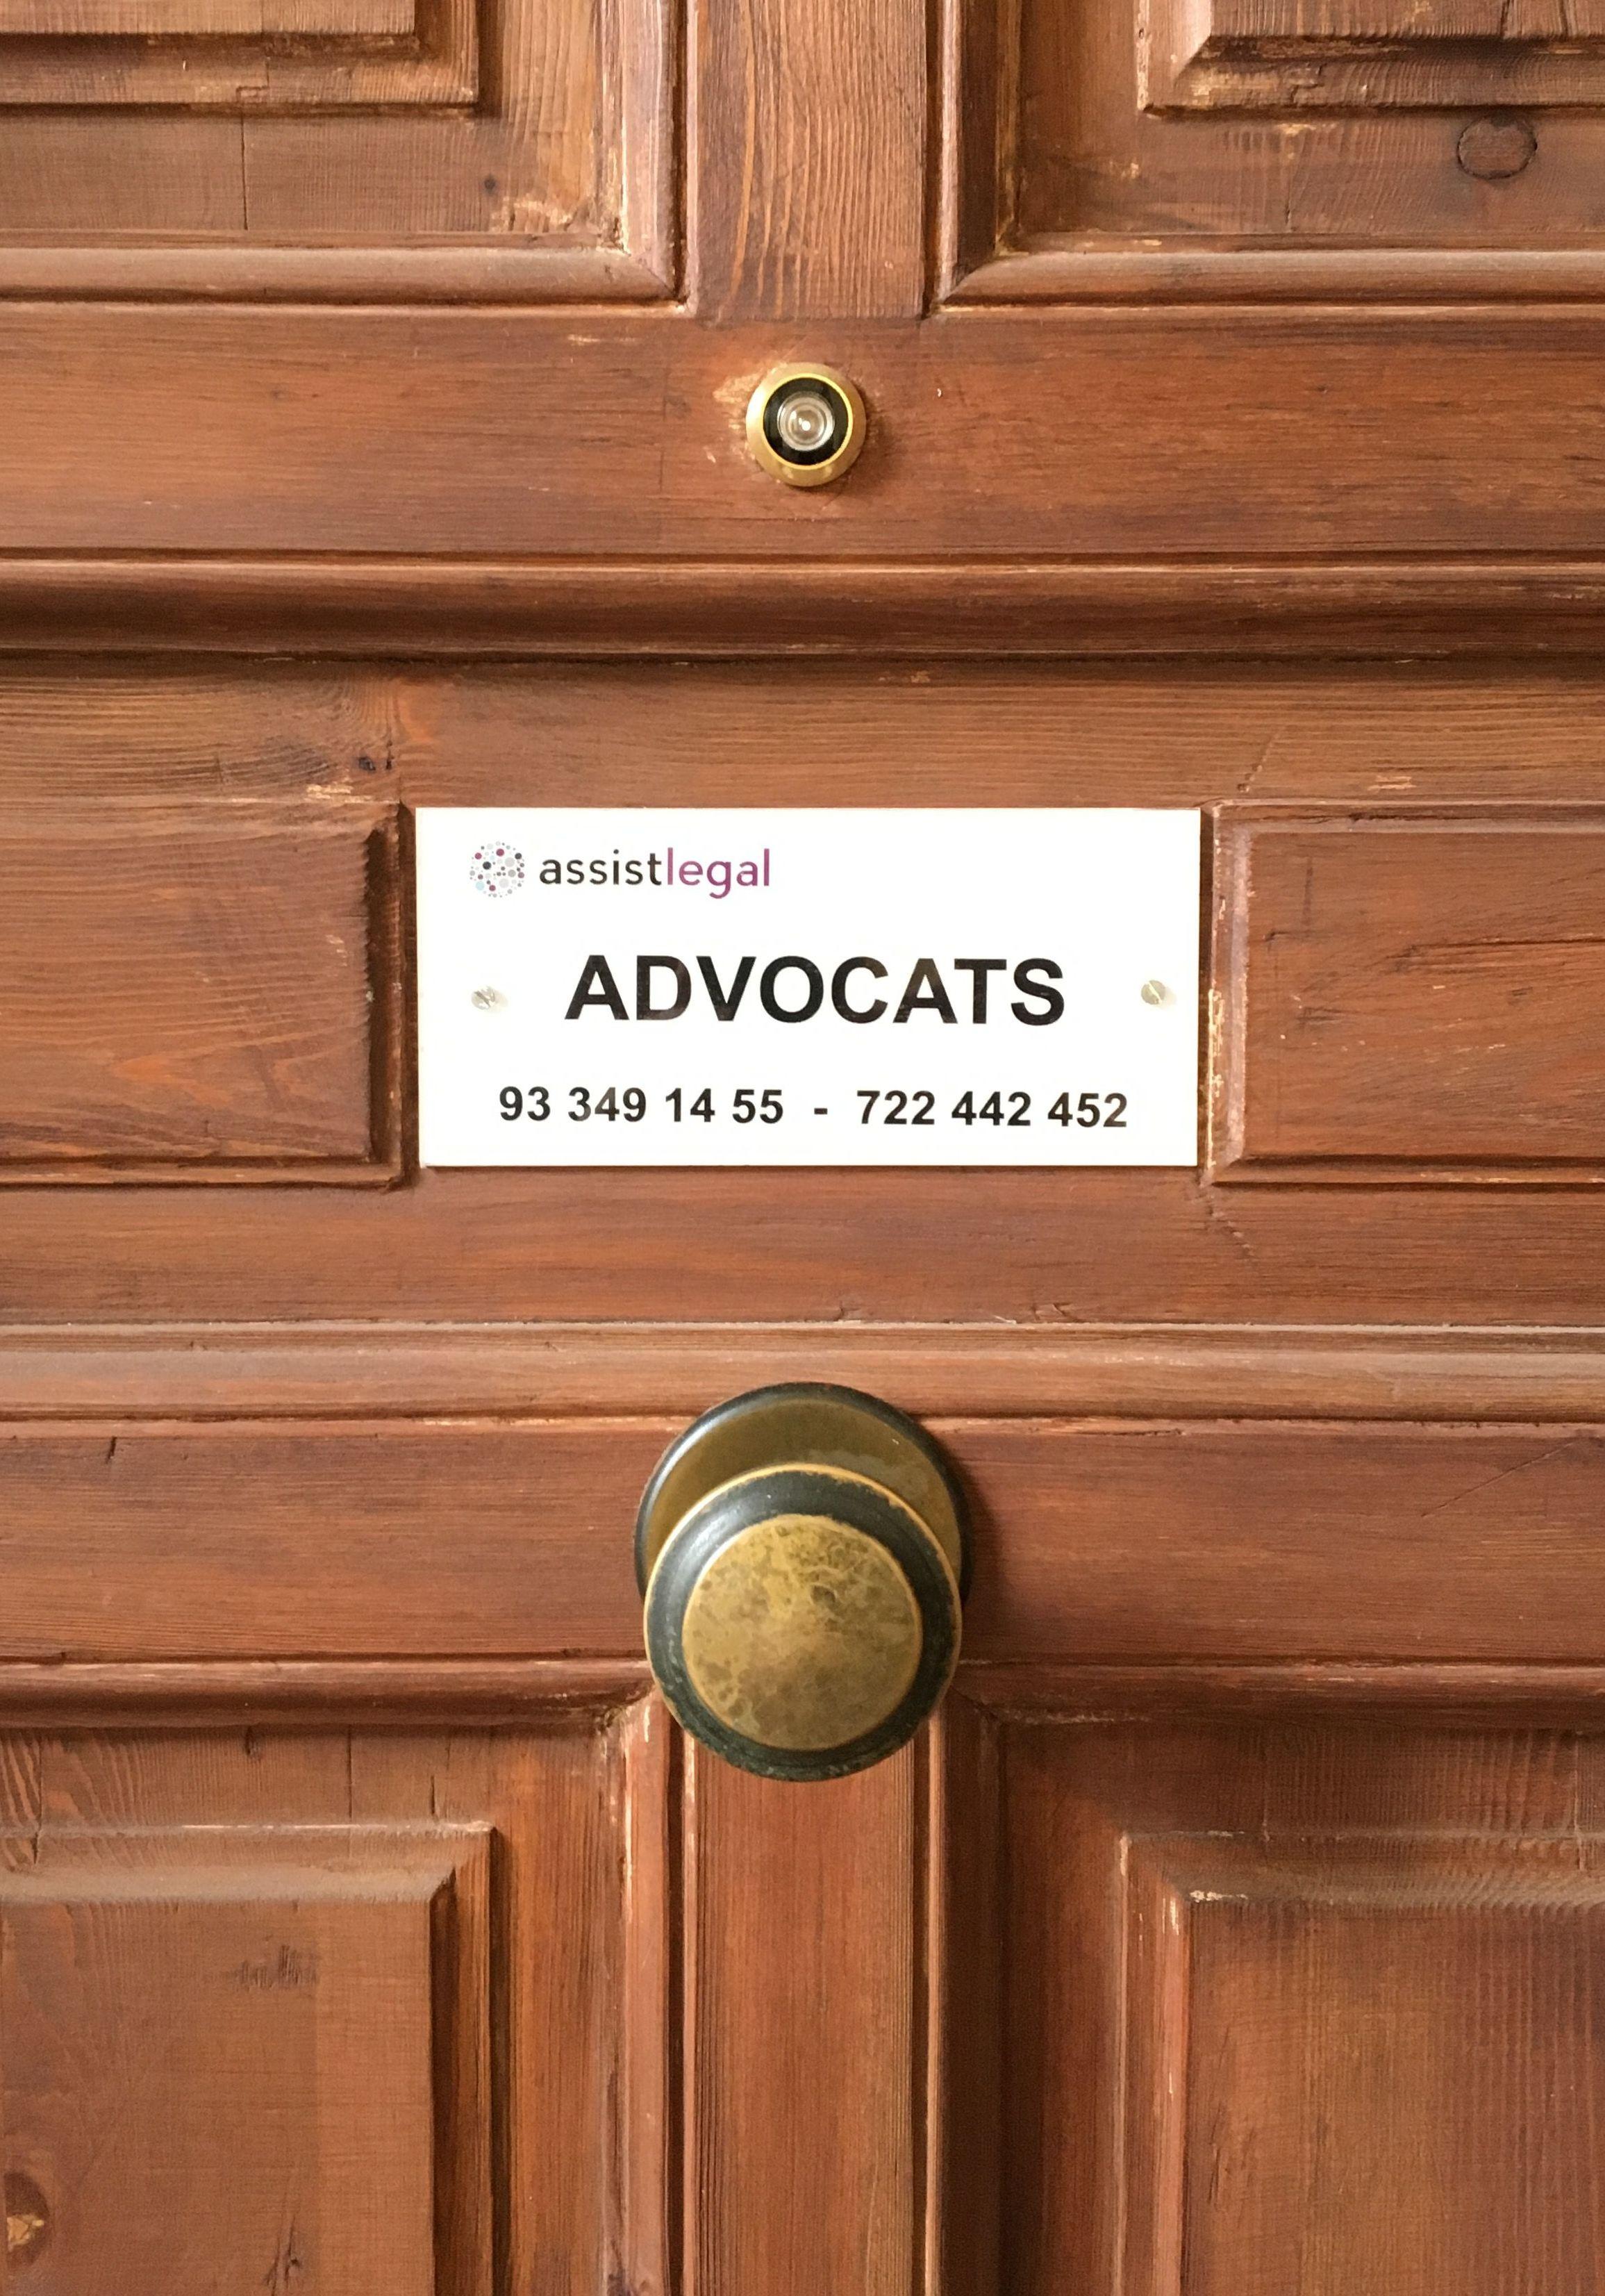 Foto 14 de Despacho de abogados multidisciplinar en Barcelona en Barcelona | ASSISTLEGAL                                                abogados Maragall